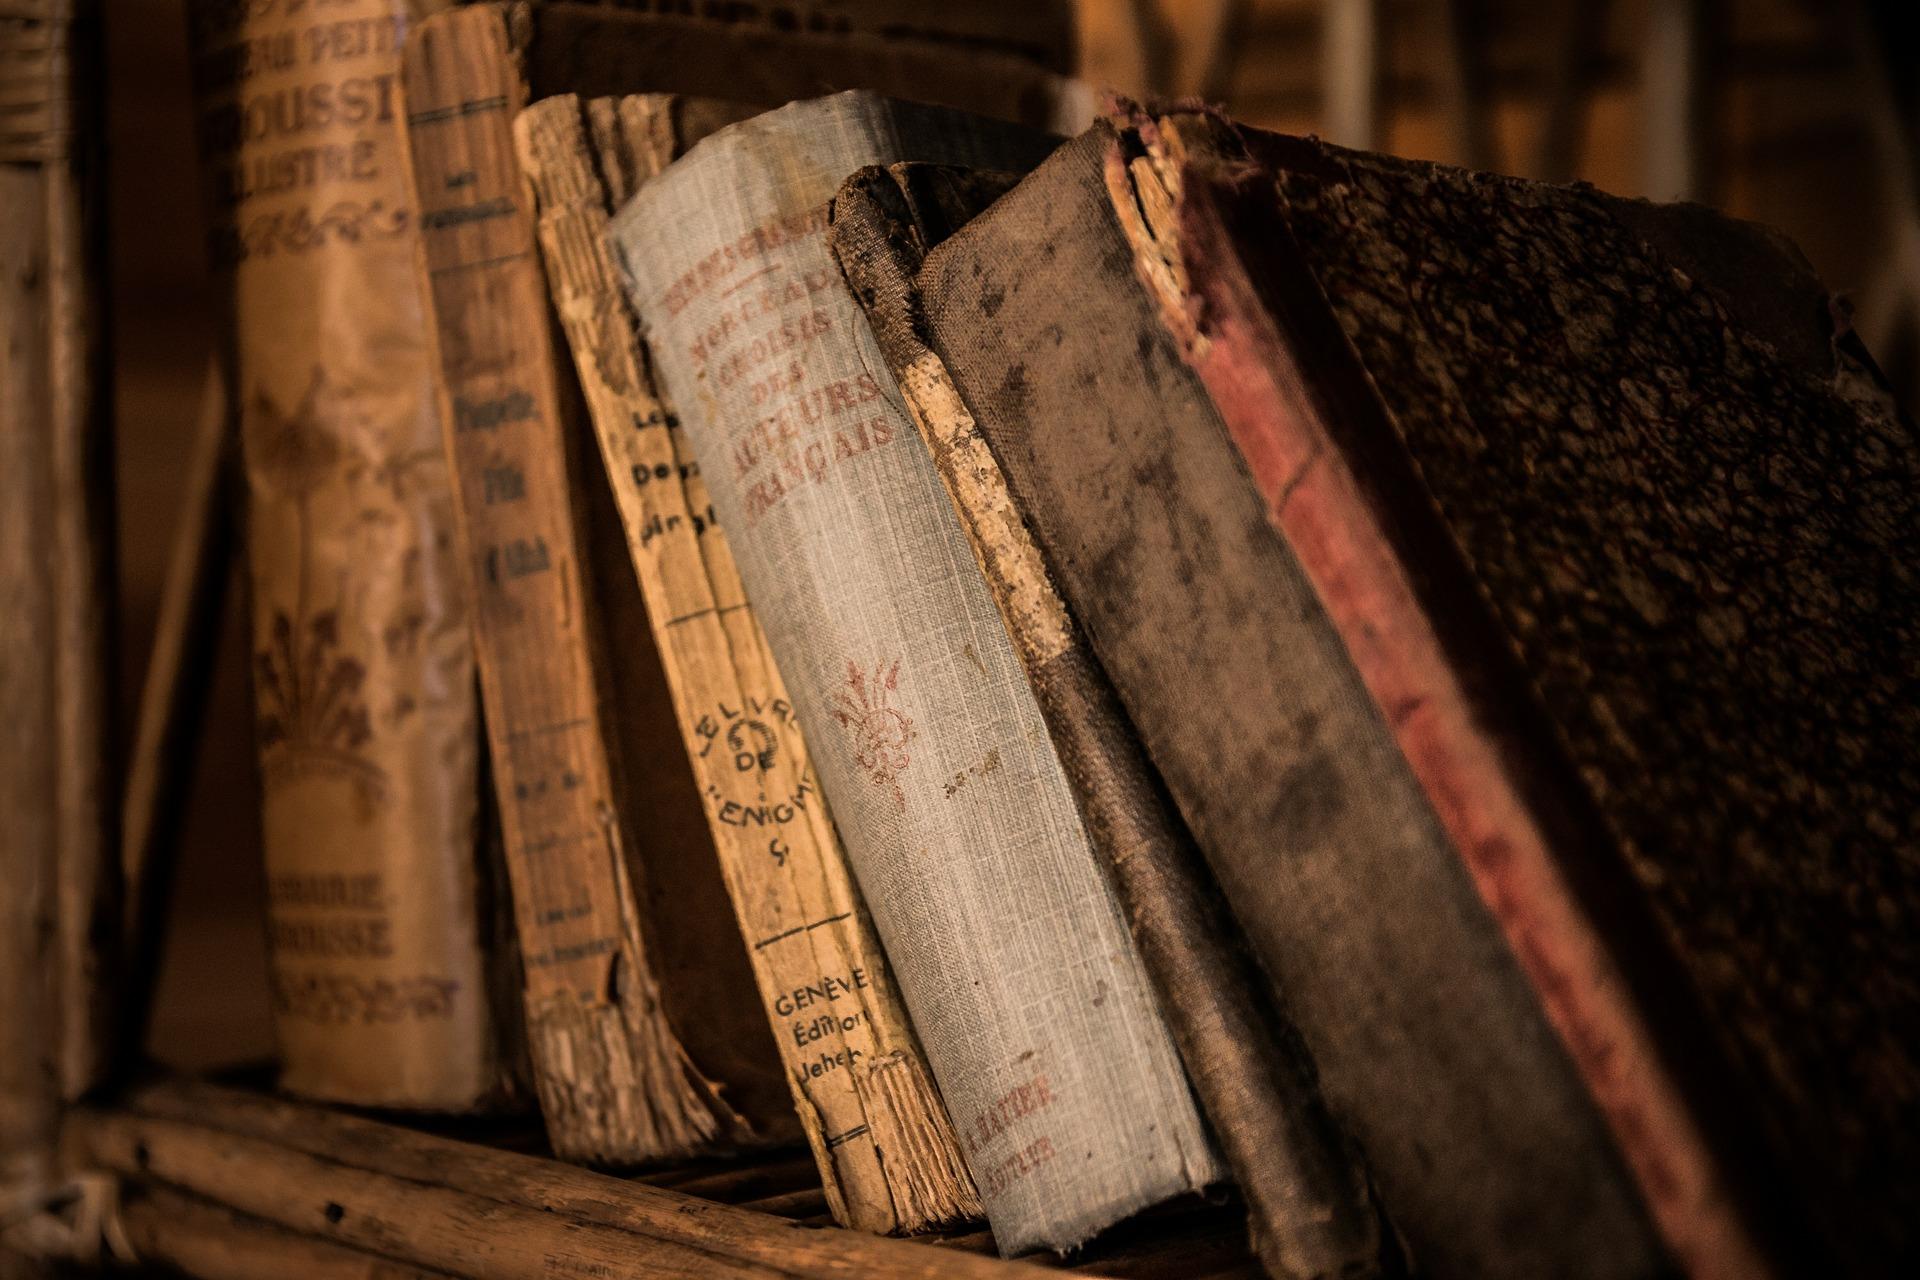 До 10 марта можно сдать ненужные книги и получить скидки на новые